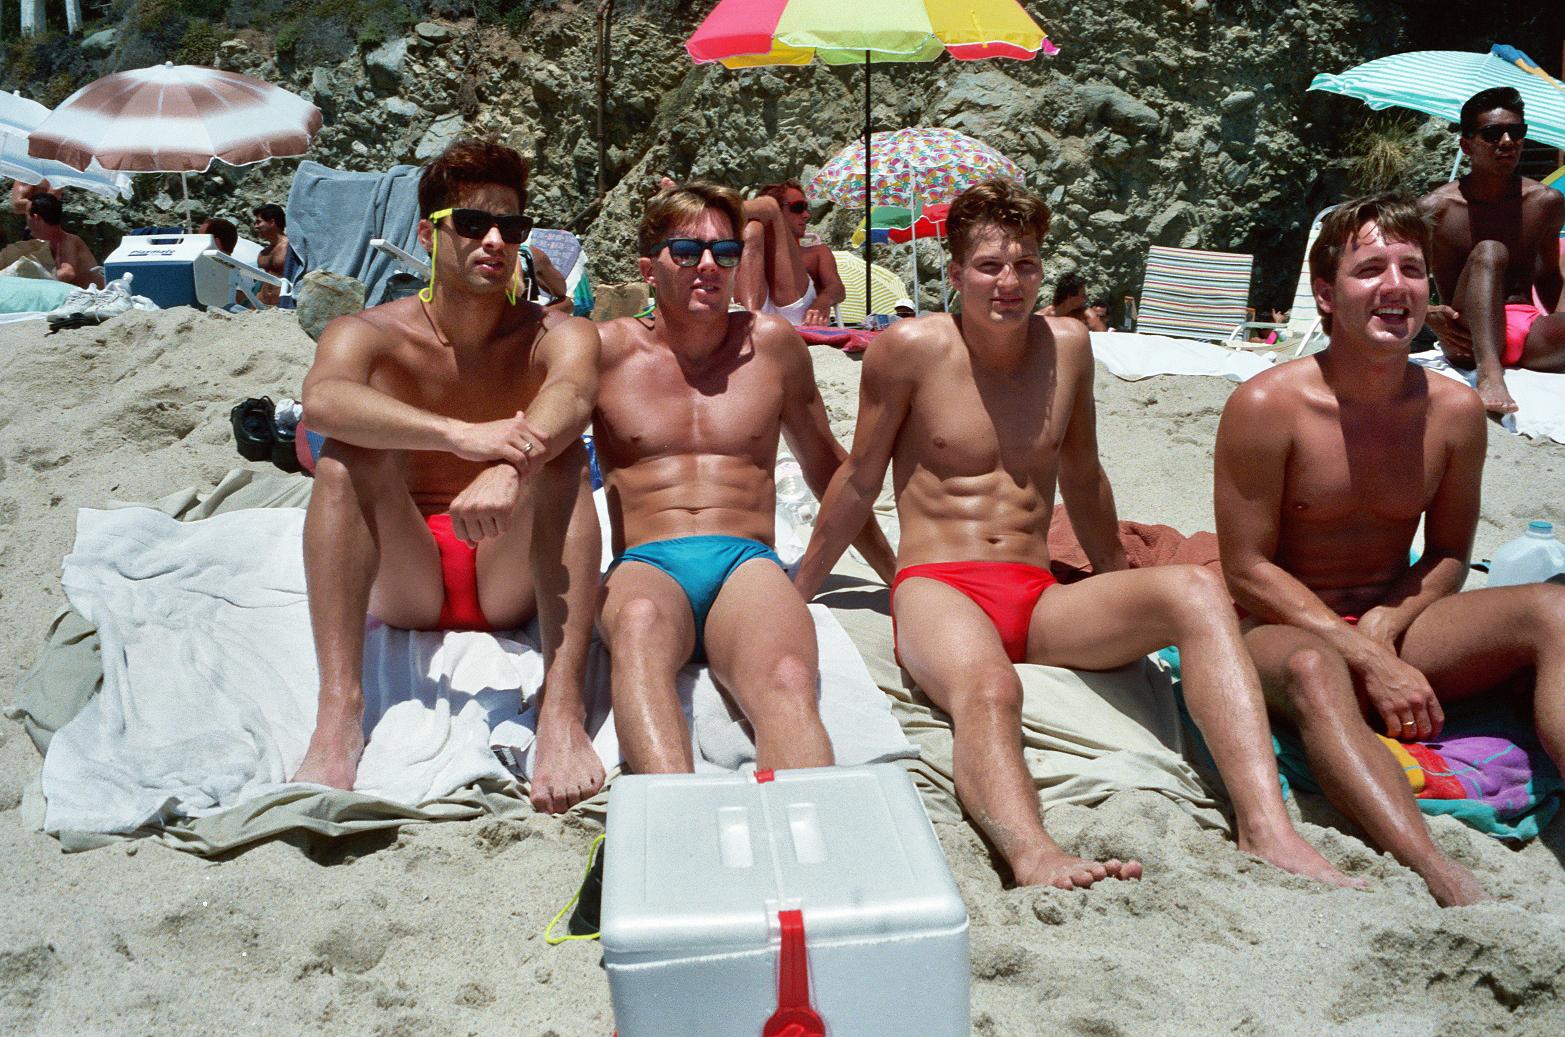 laguna-beach_3554531983_o